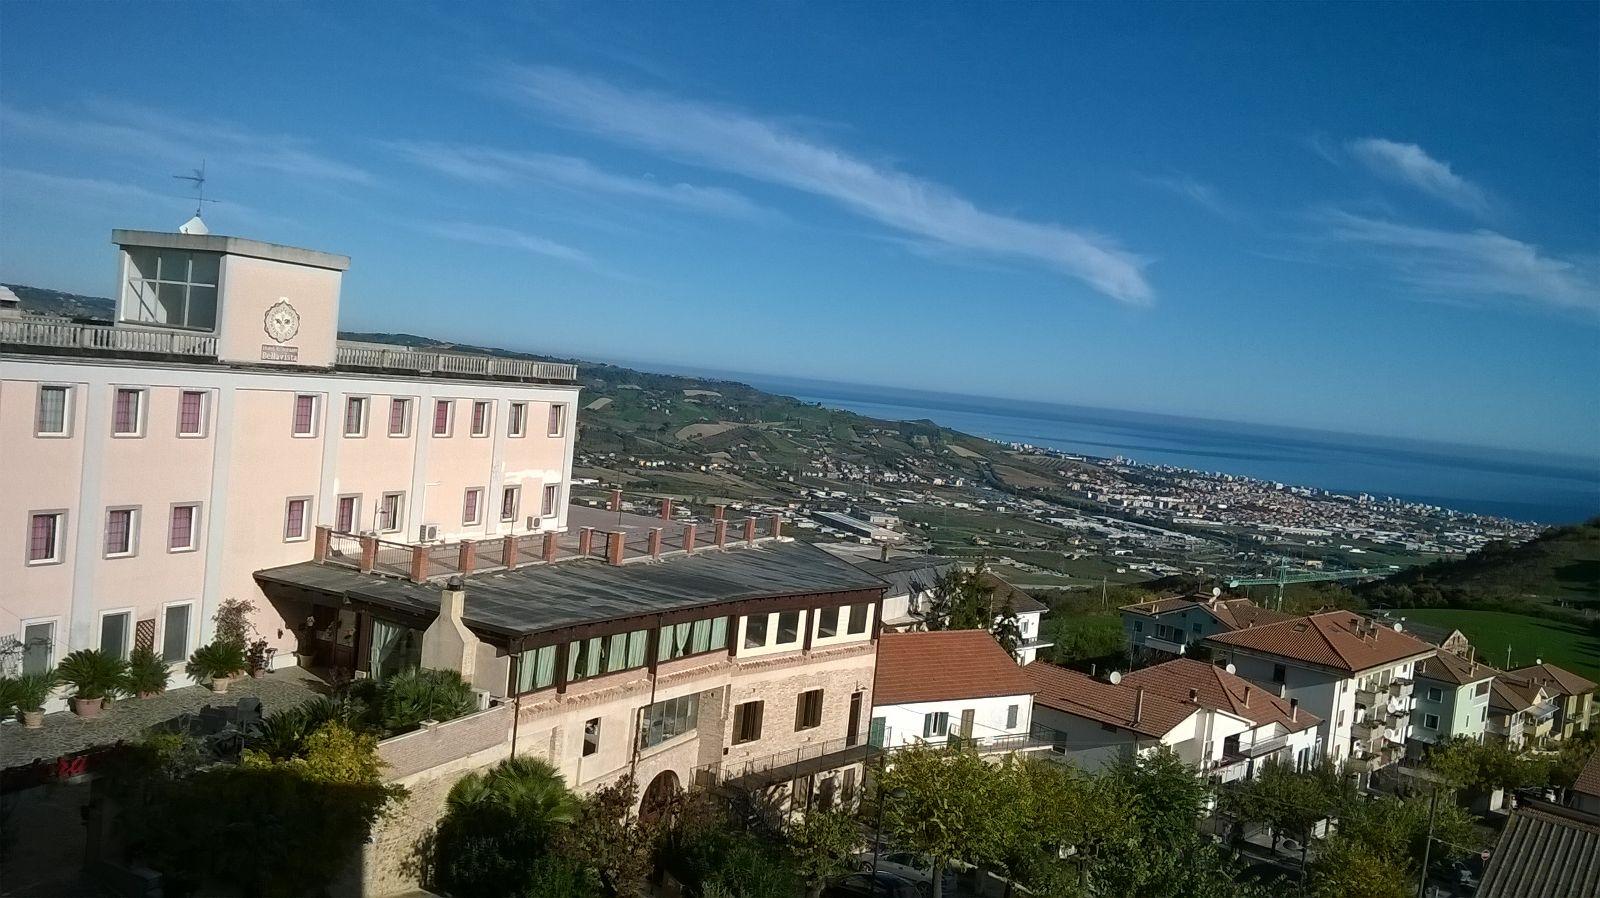 vista dall'alto di una vallata con mare alla fine